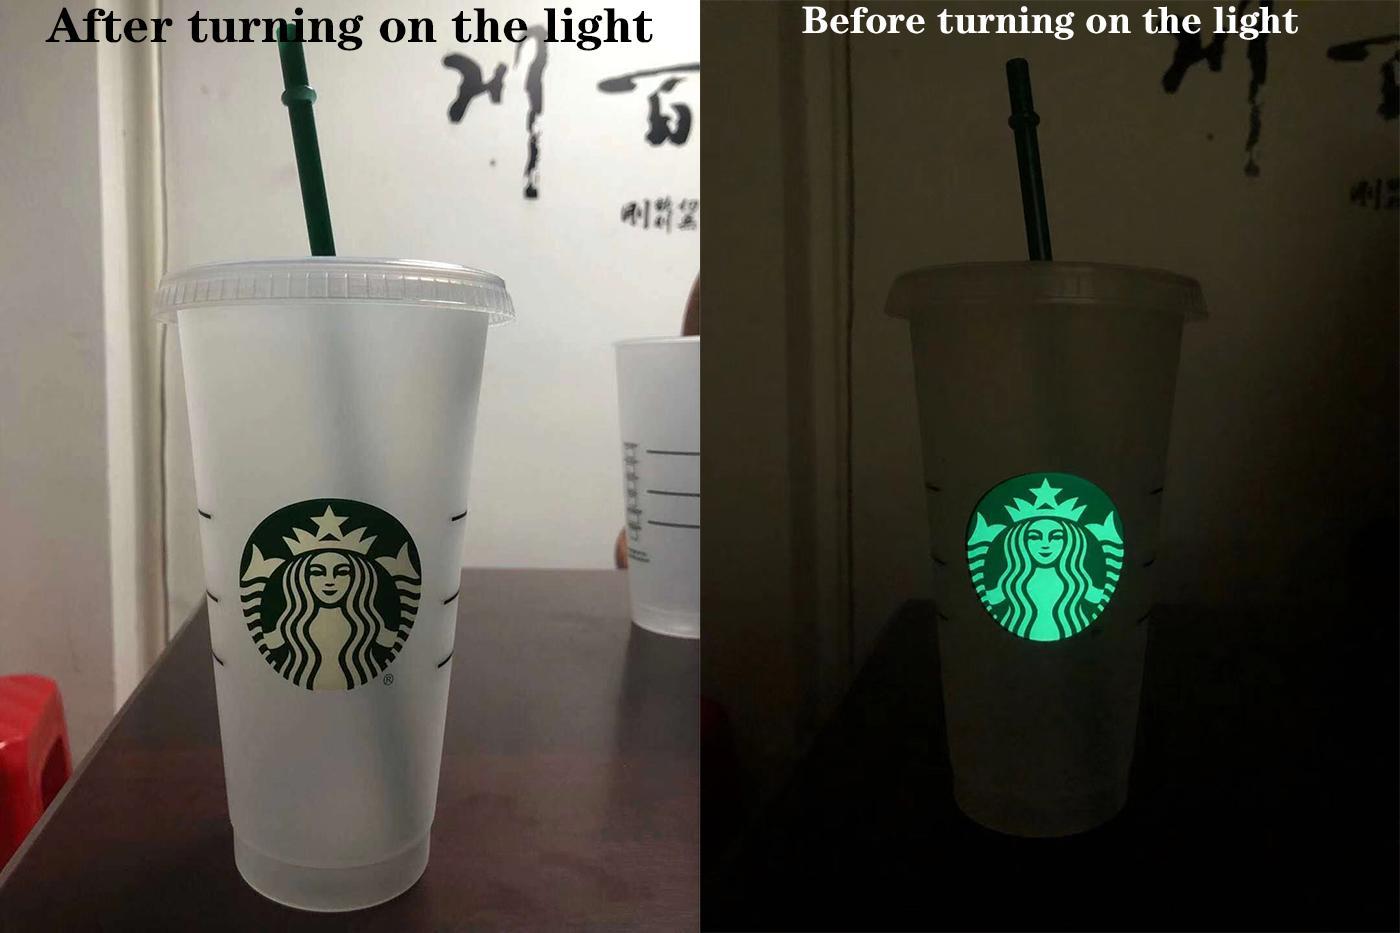 100 Stücke leuchtende Starbucks 710 ml Kunststoff-Tumbler wiederverwendbare transparente trinkende flache Säule abgedeckt Sippy Kostenlose Lieferung von Bardian